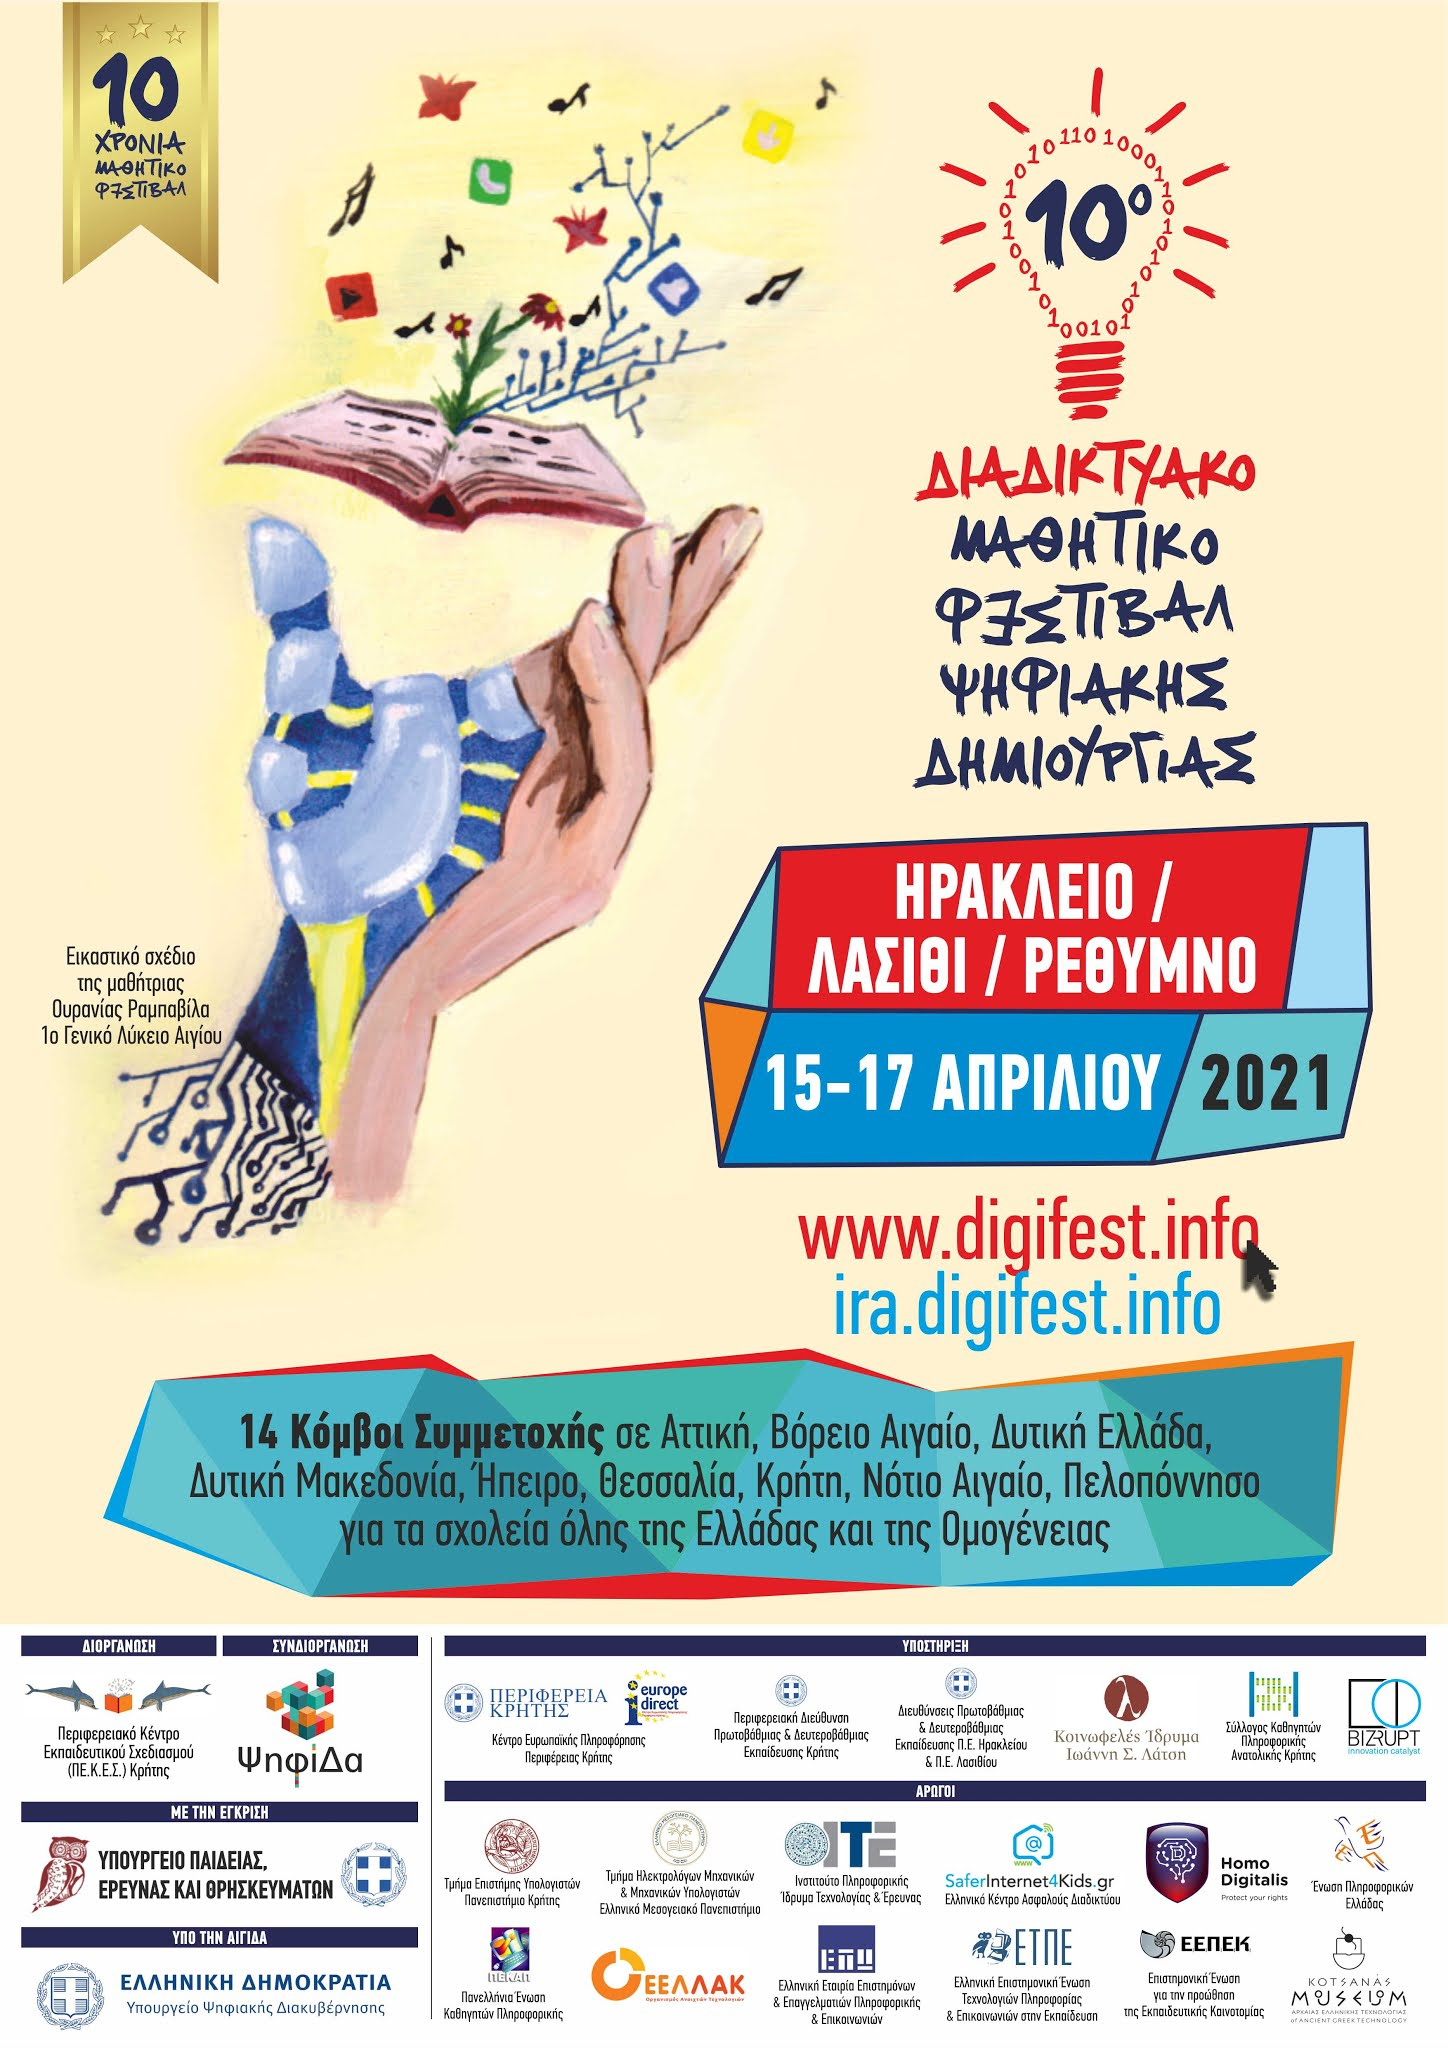 10ο Διαδικτυακό Μαθητικό Φεστιβάλ Ψηφιακής Δημιουργίας